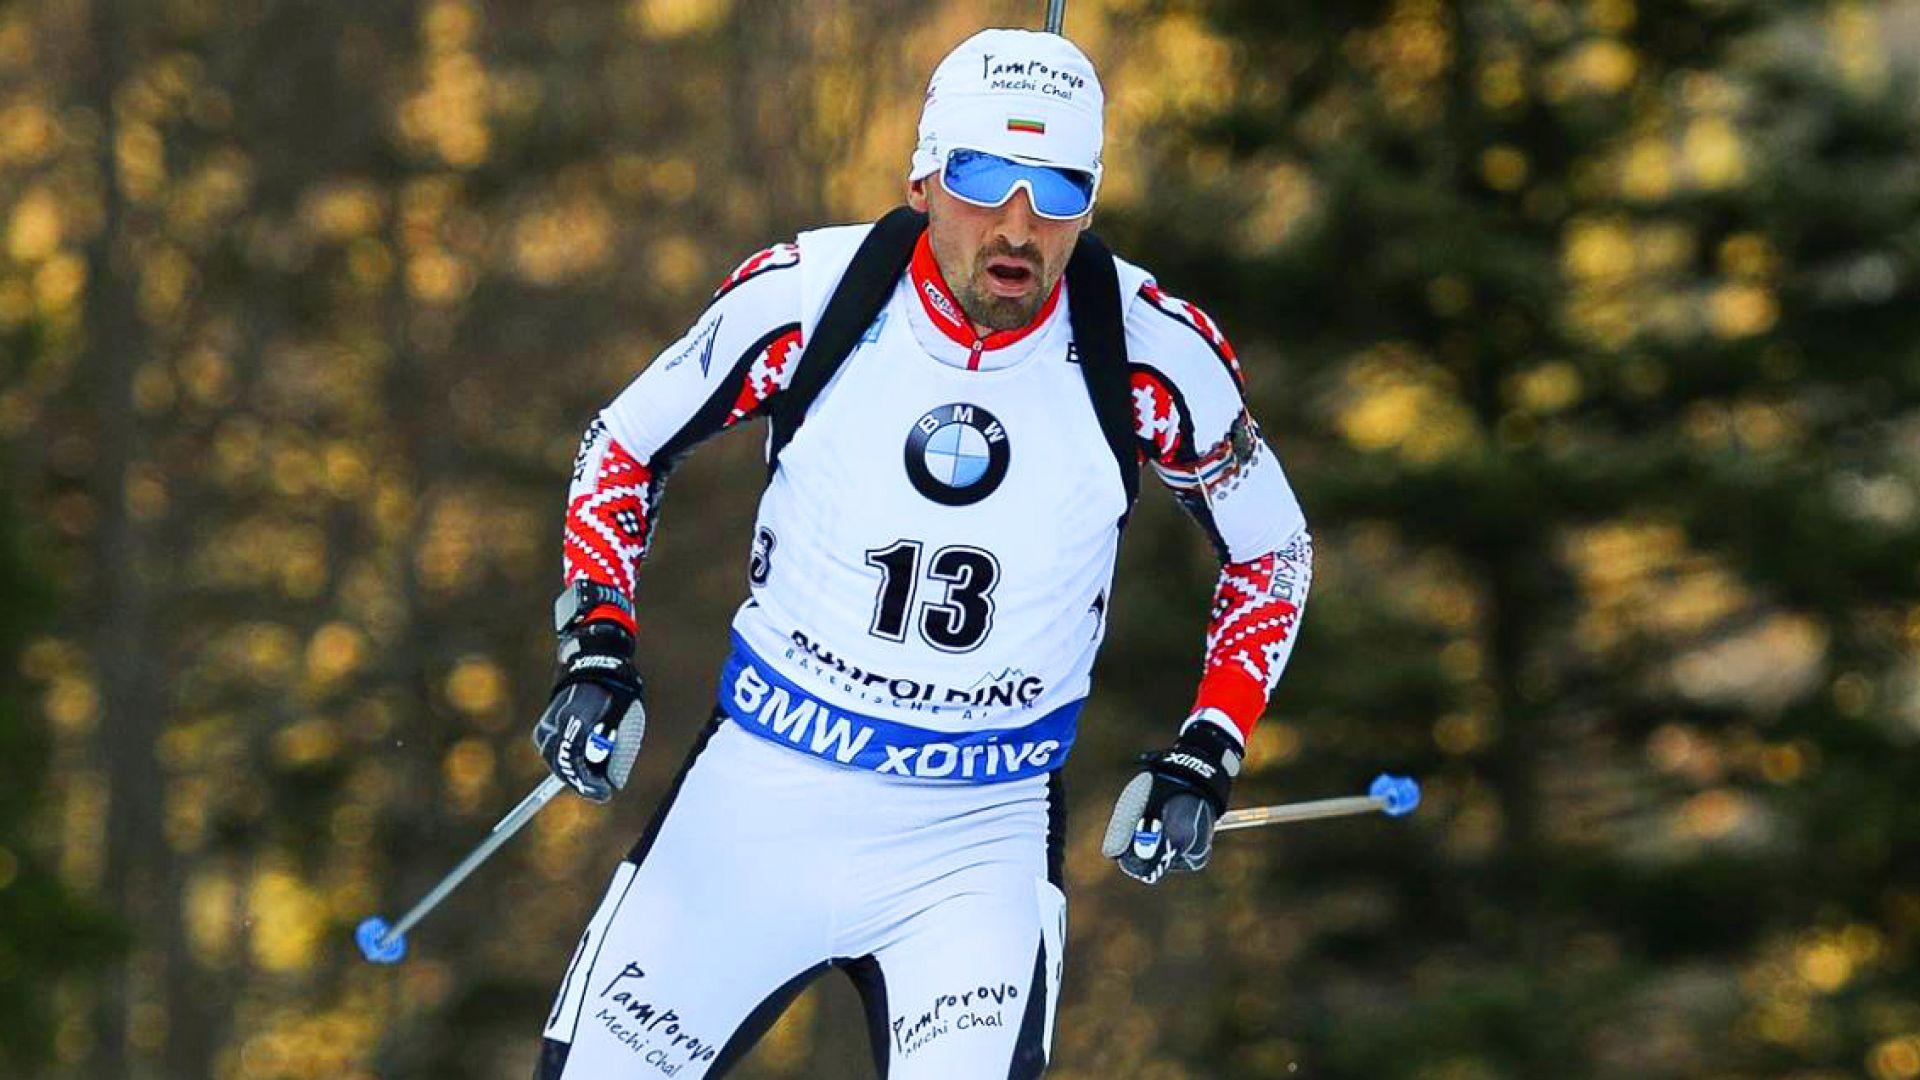 Владо Илиев с 22-ро място във Франция